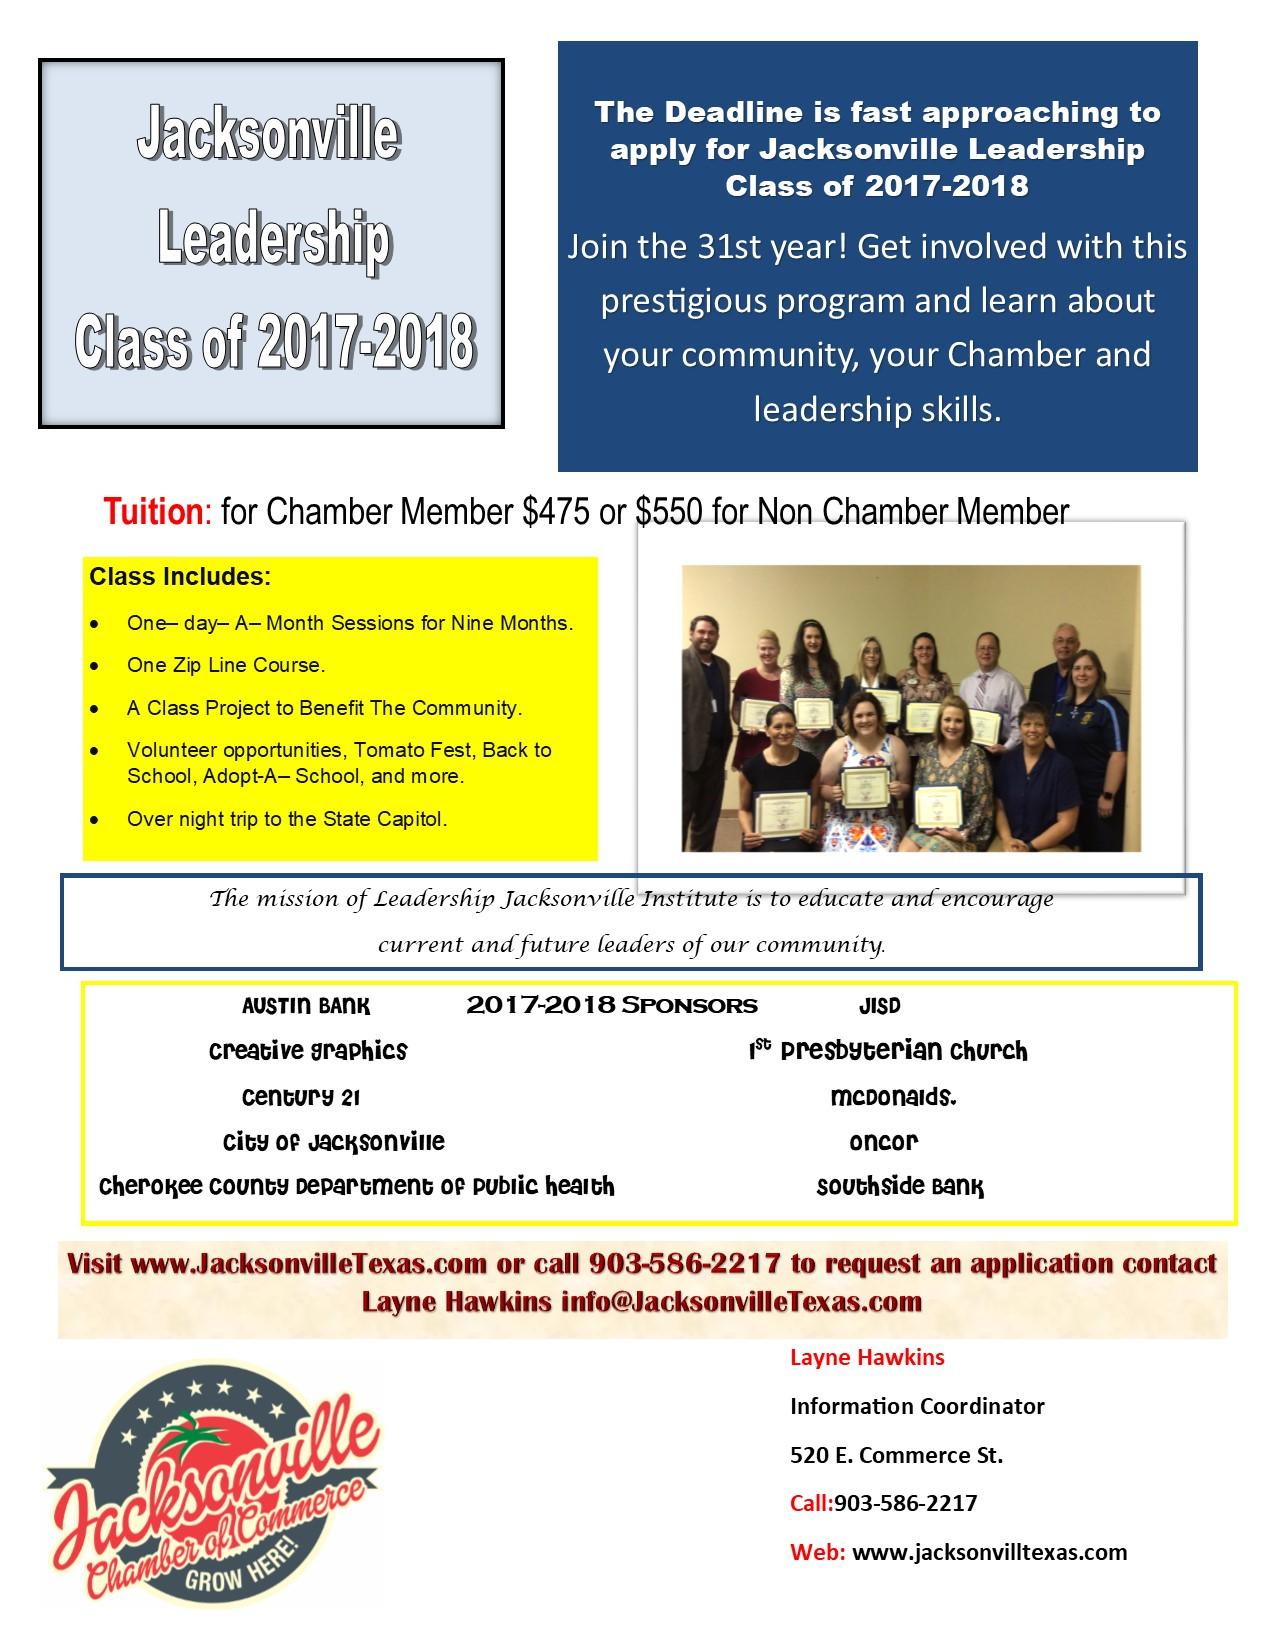 leadership_graduation_group.jpg